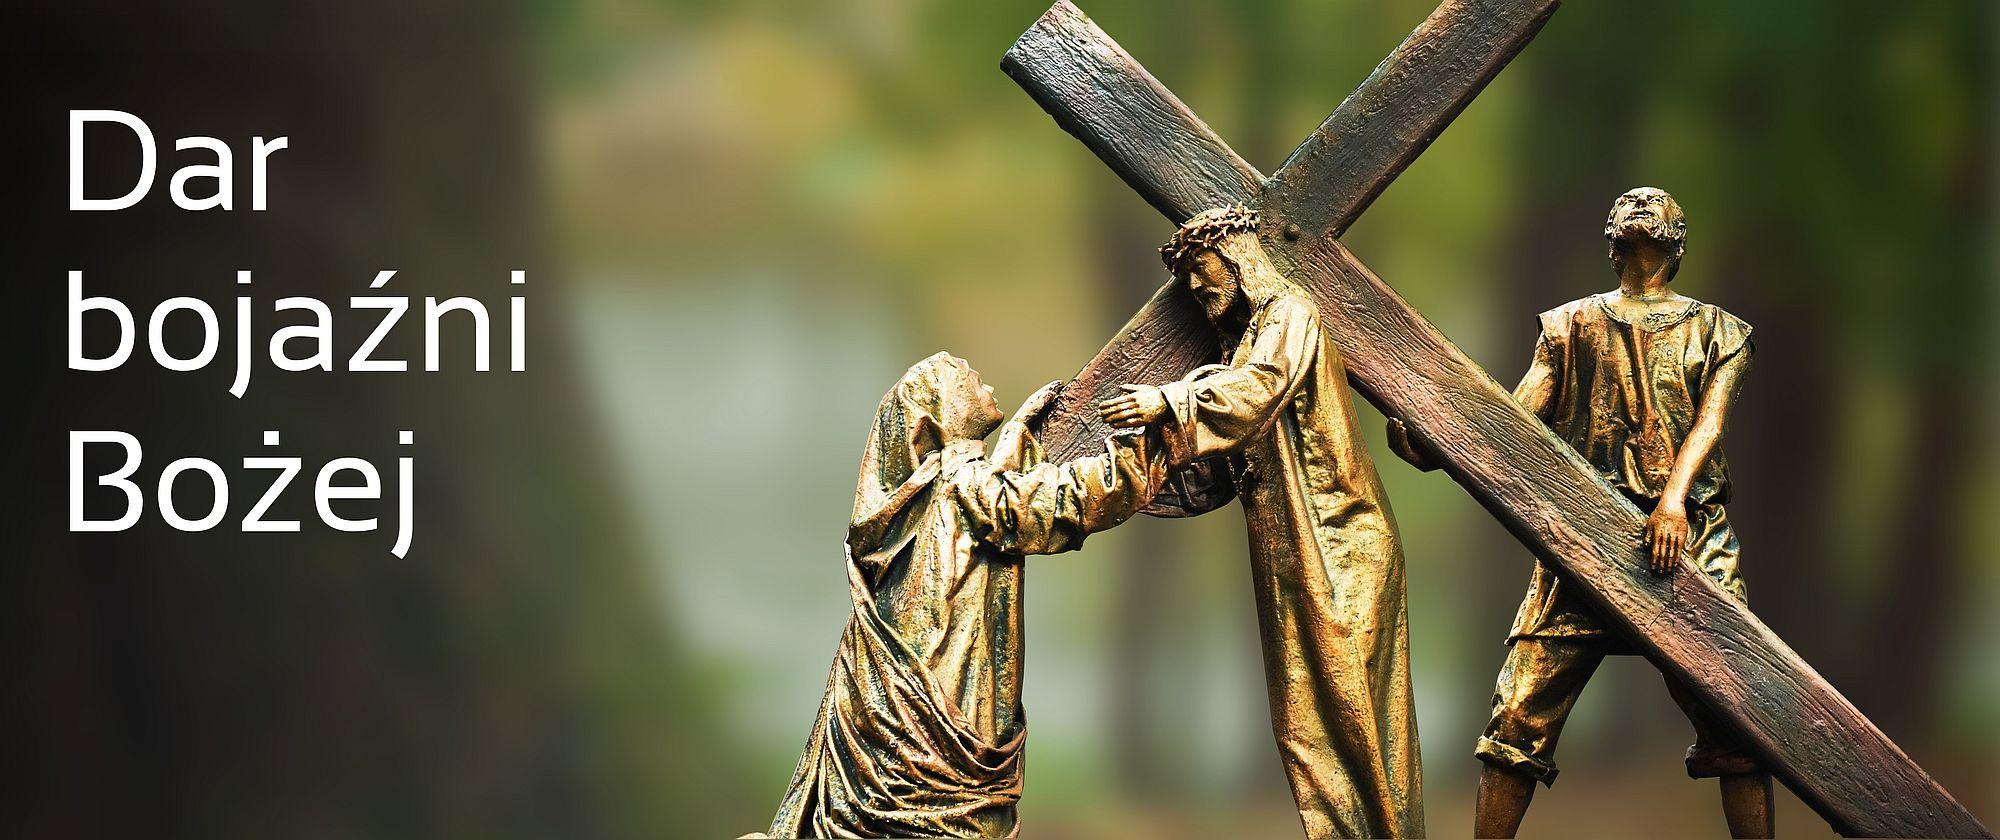 Dar bojaźni Bożej tematem marcowych dni skupienia (23 - 25 marca)